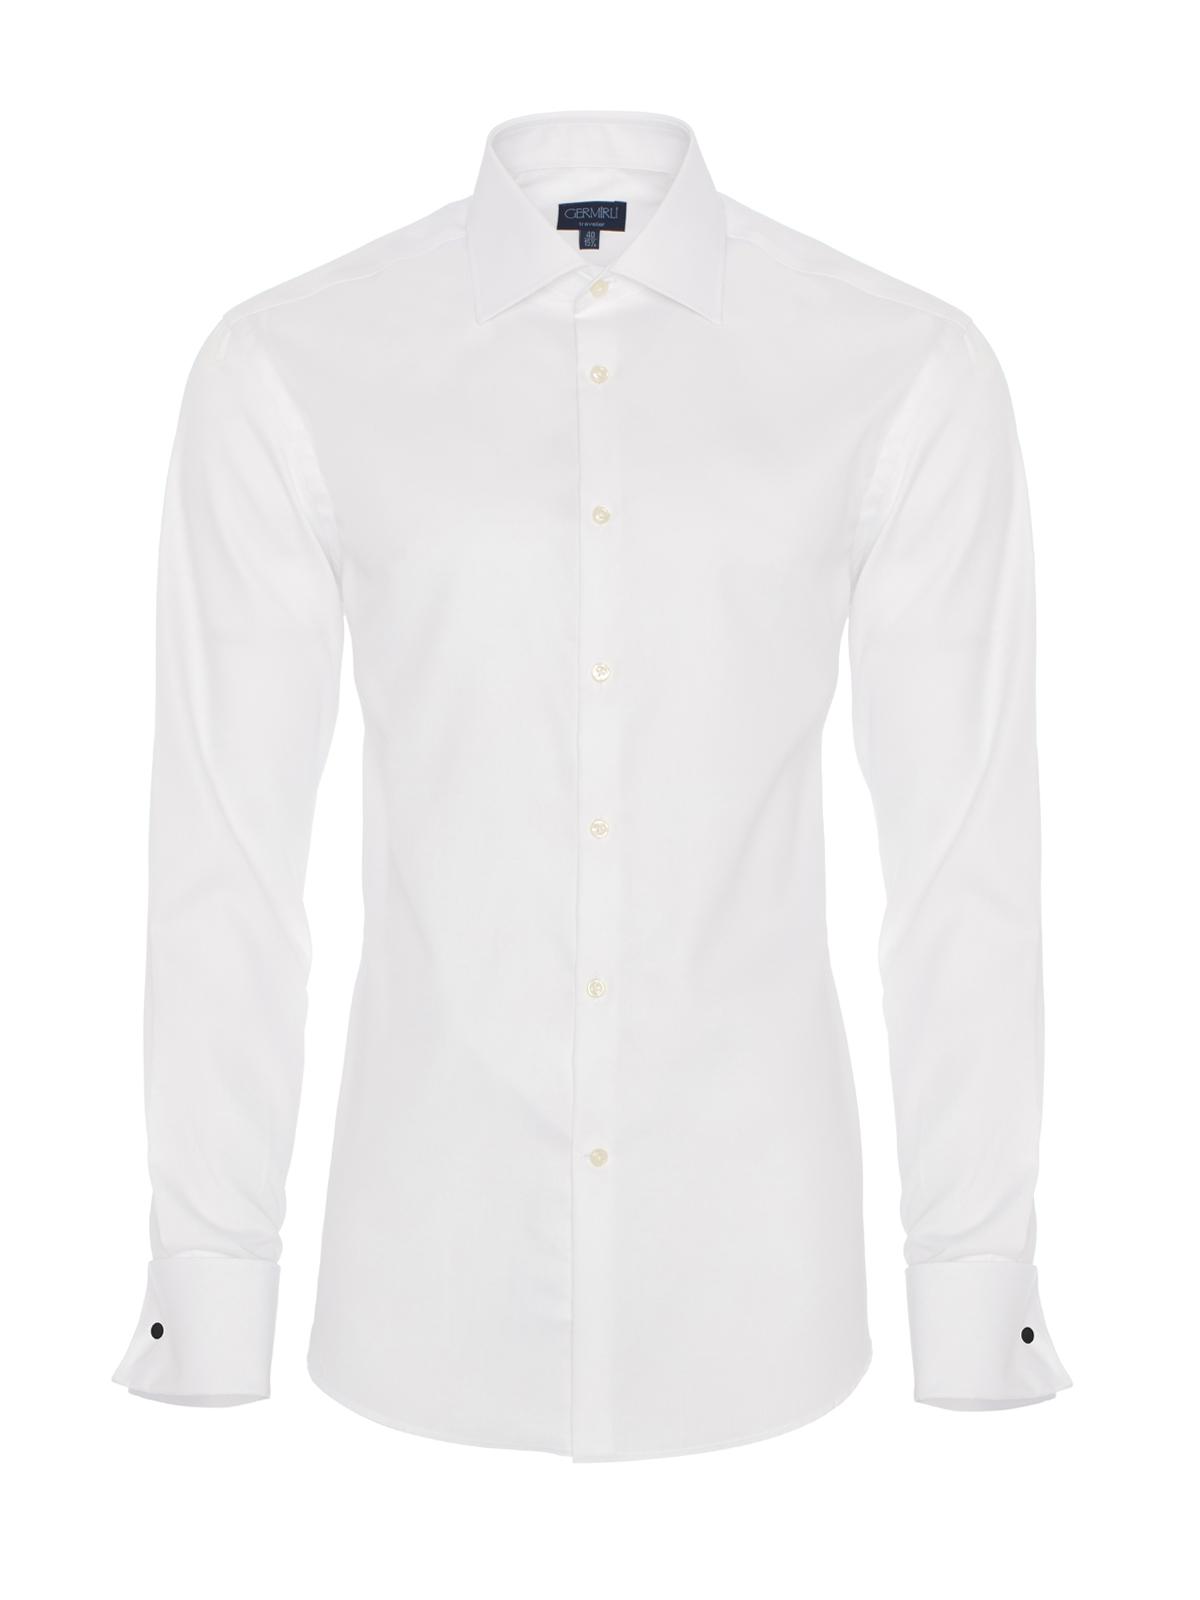 Germirli Non Iron Twill Klasik Yaka Tailor Fit Beyaz Journey Gömlek